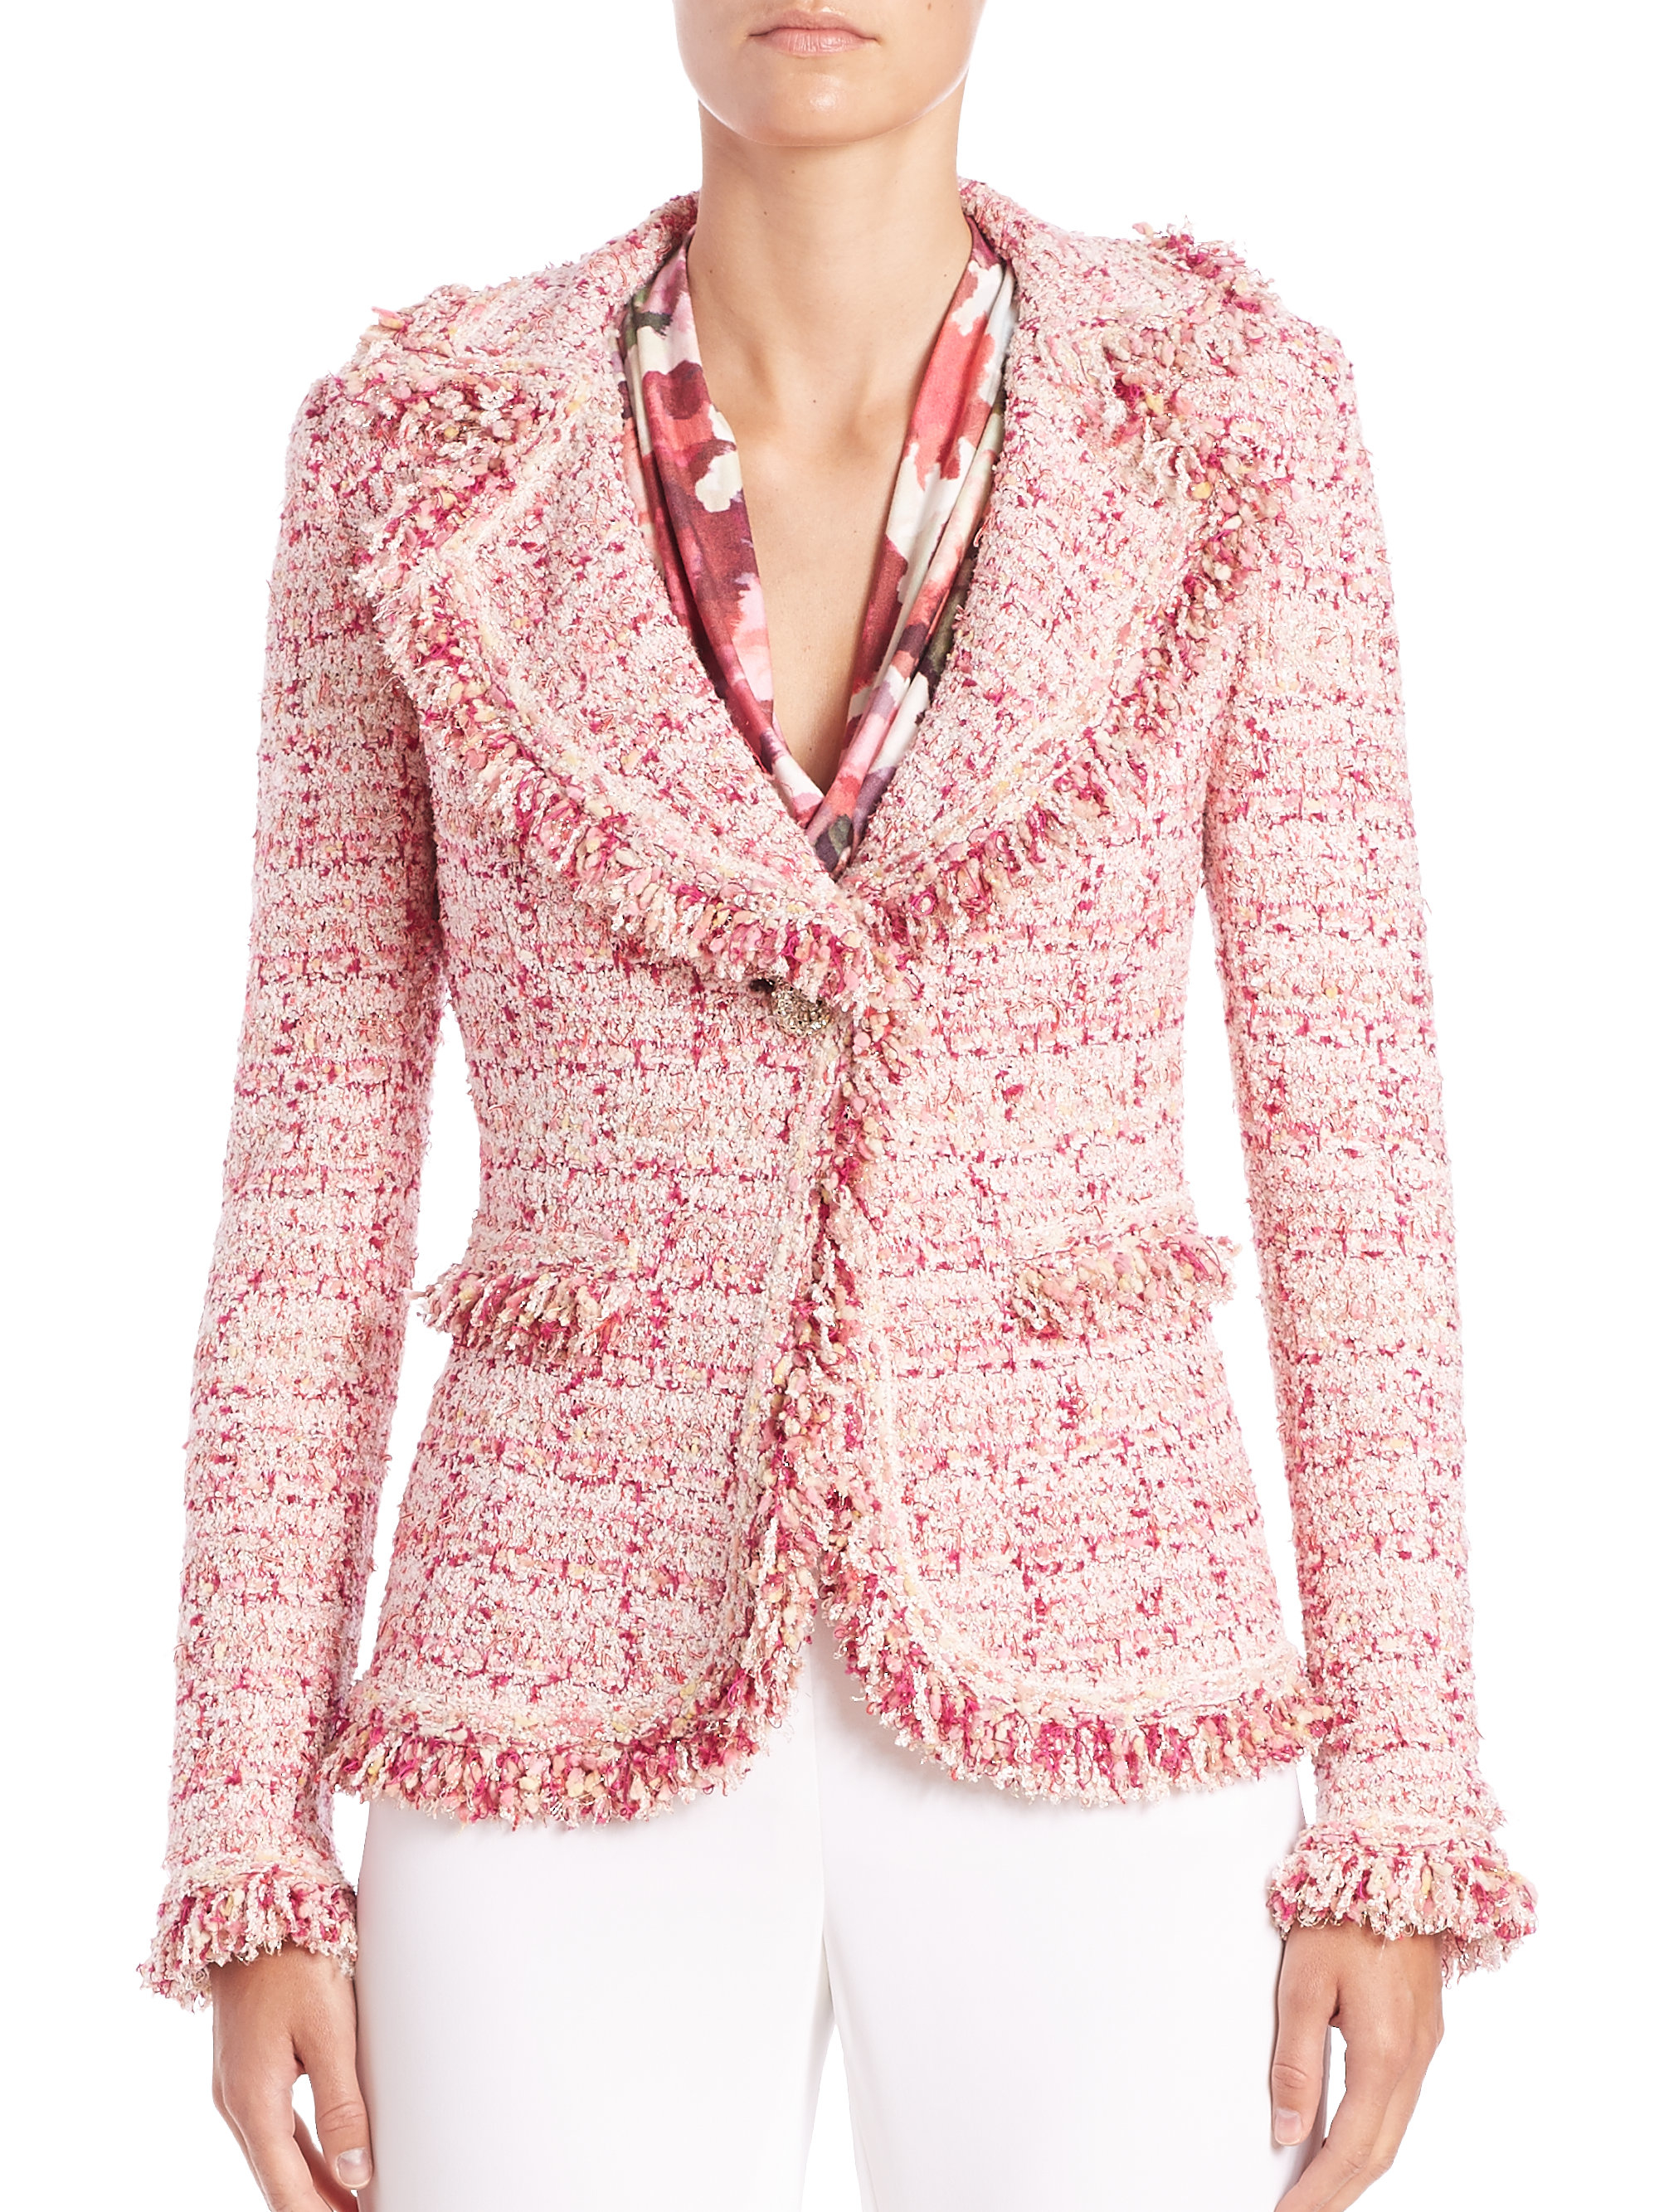 Pink Tweed Jacket | Outdoor Jacket